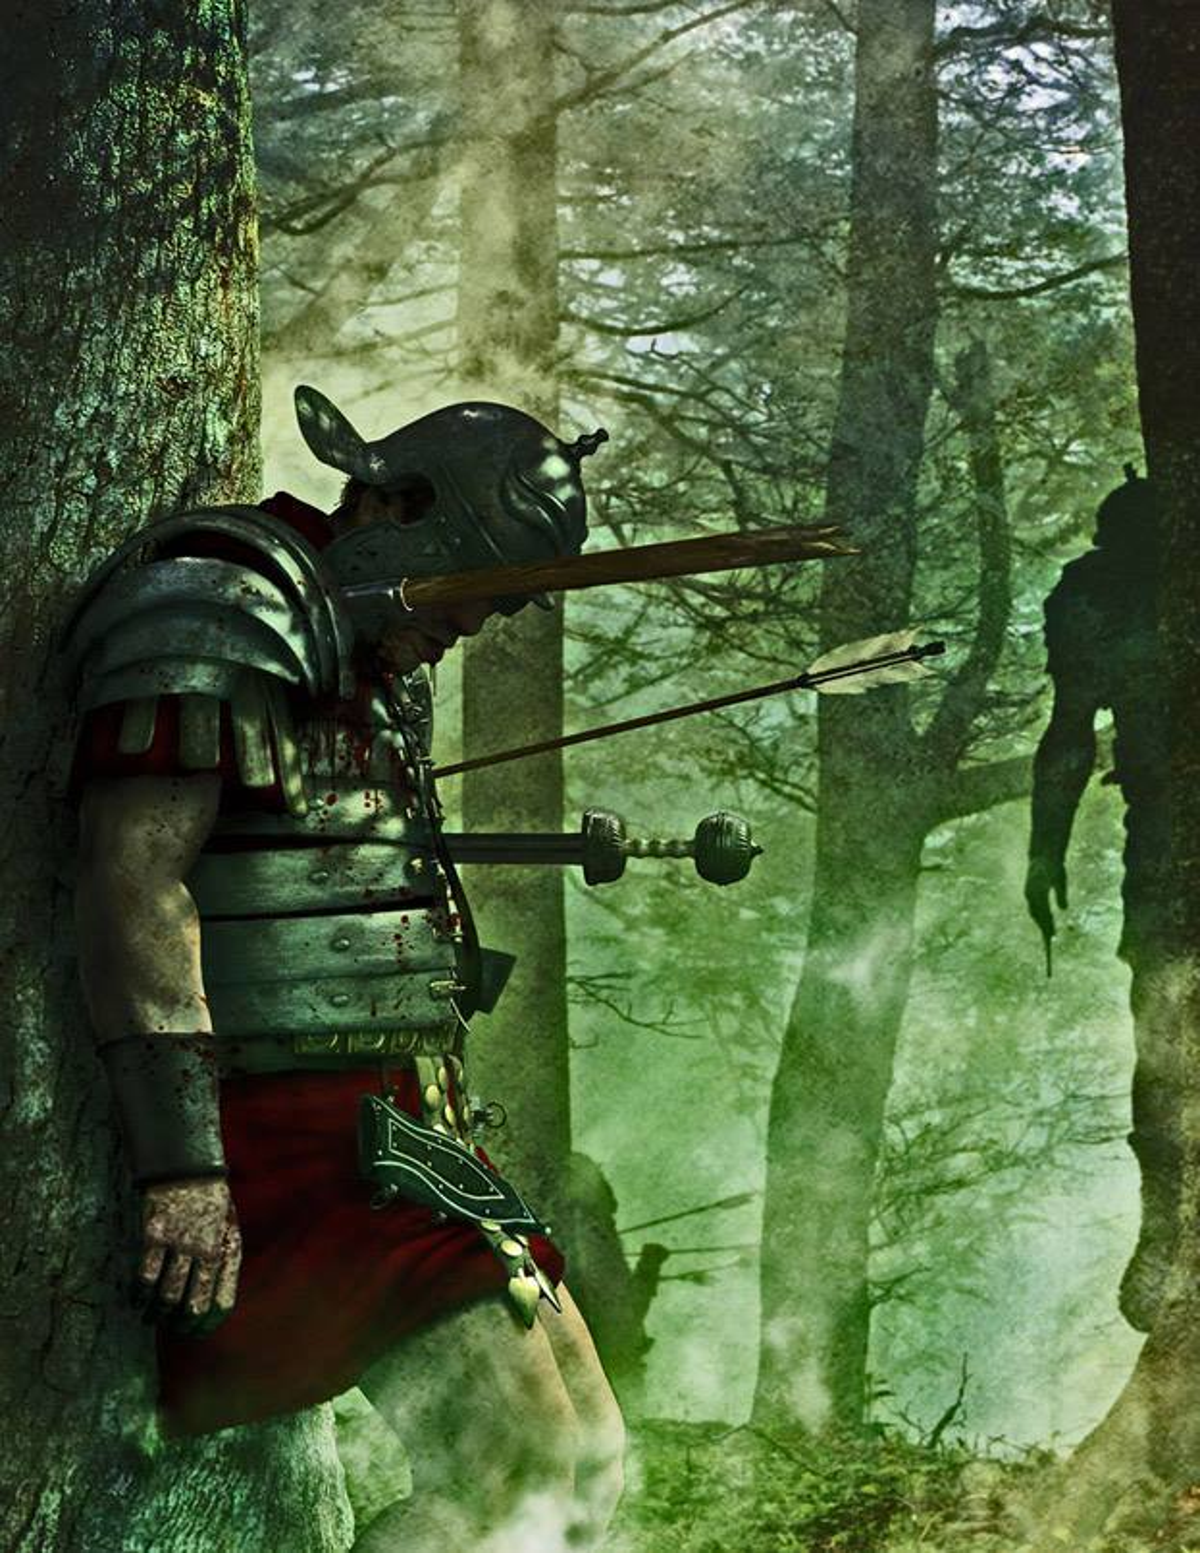 Death of a legionary